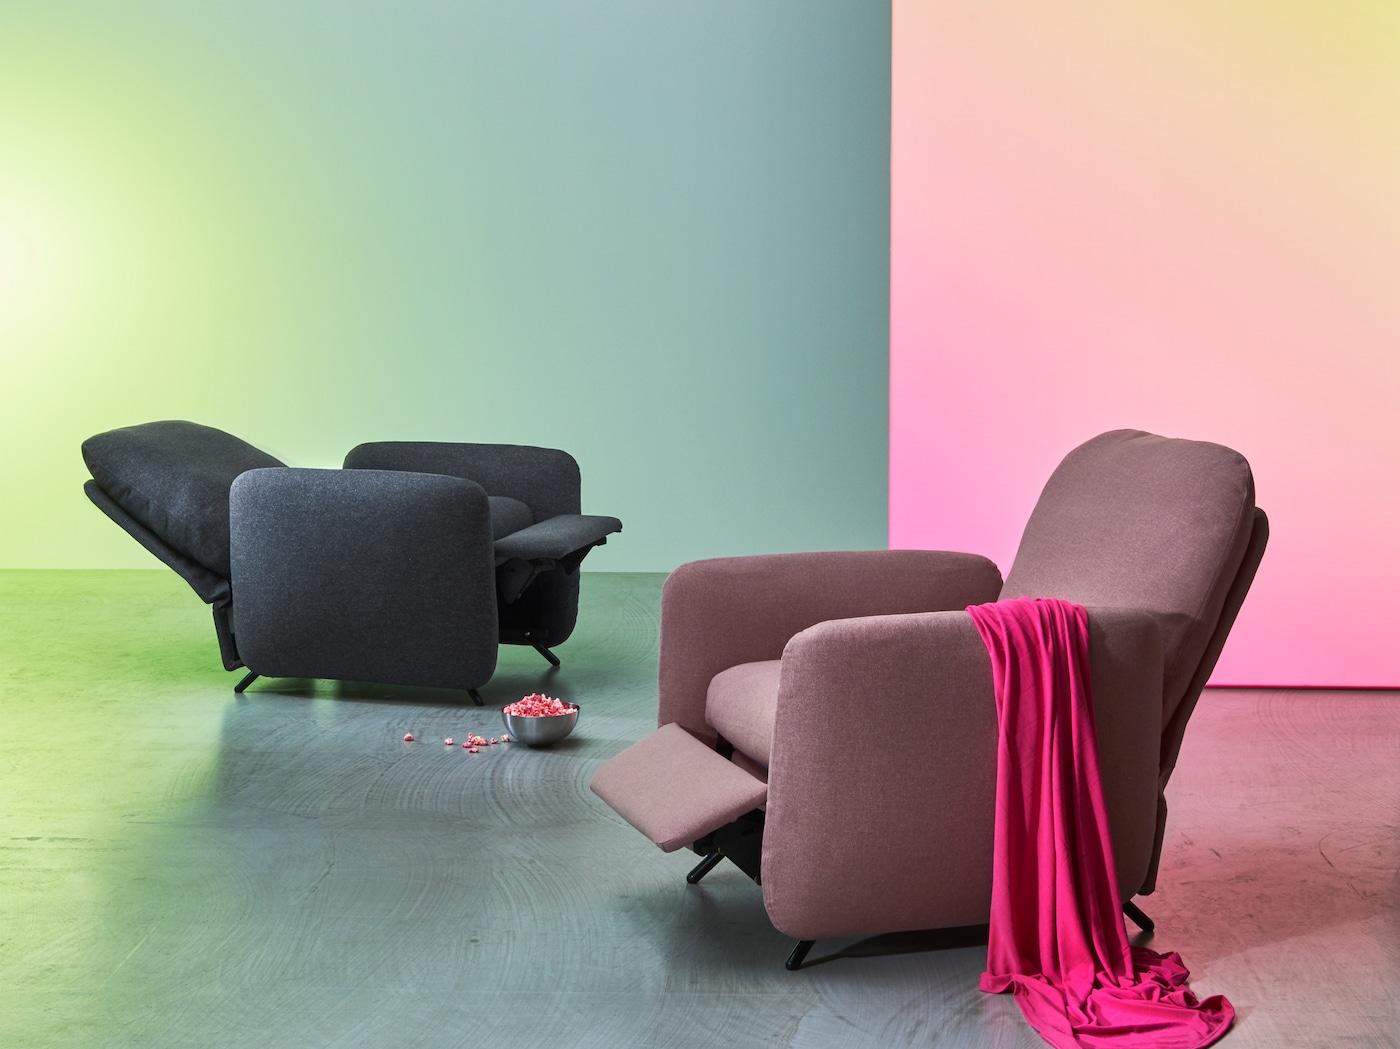 Poltrone Relax Elettriche Ikea.Una Poltrona Reclinabile Superconfortevole Ikea Svizzera